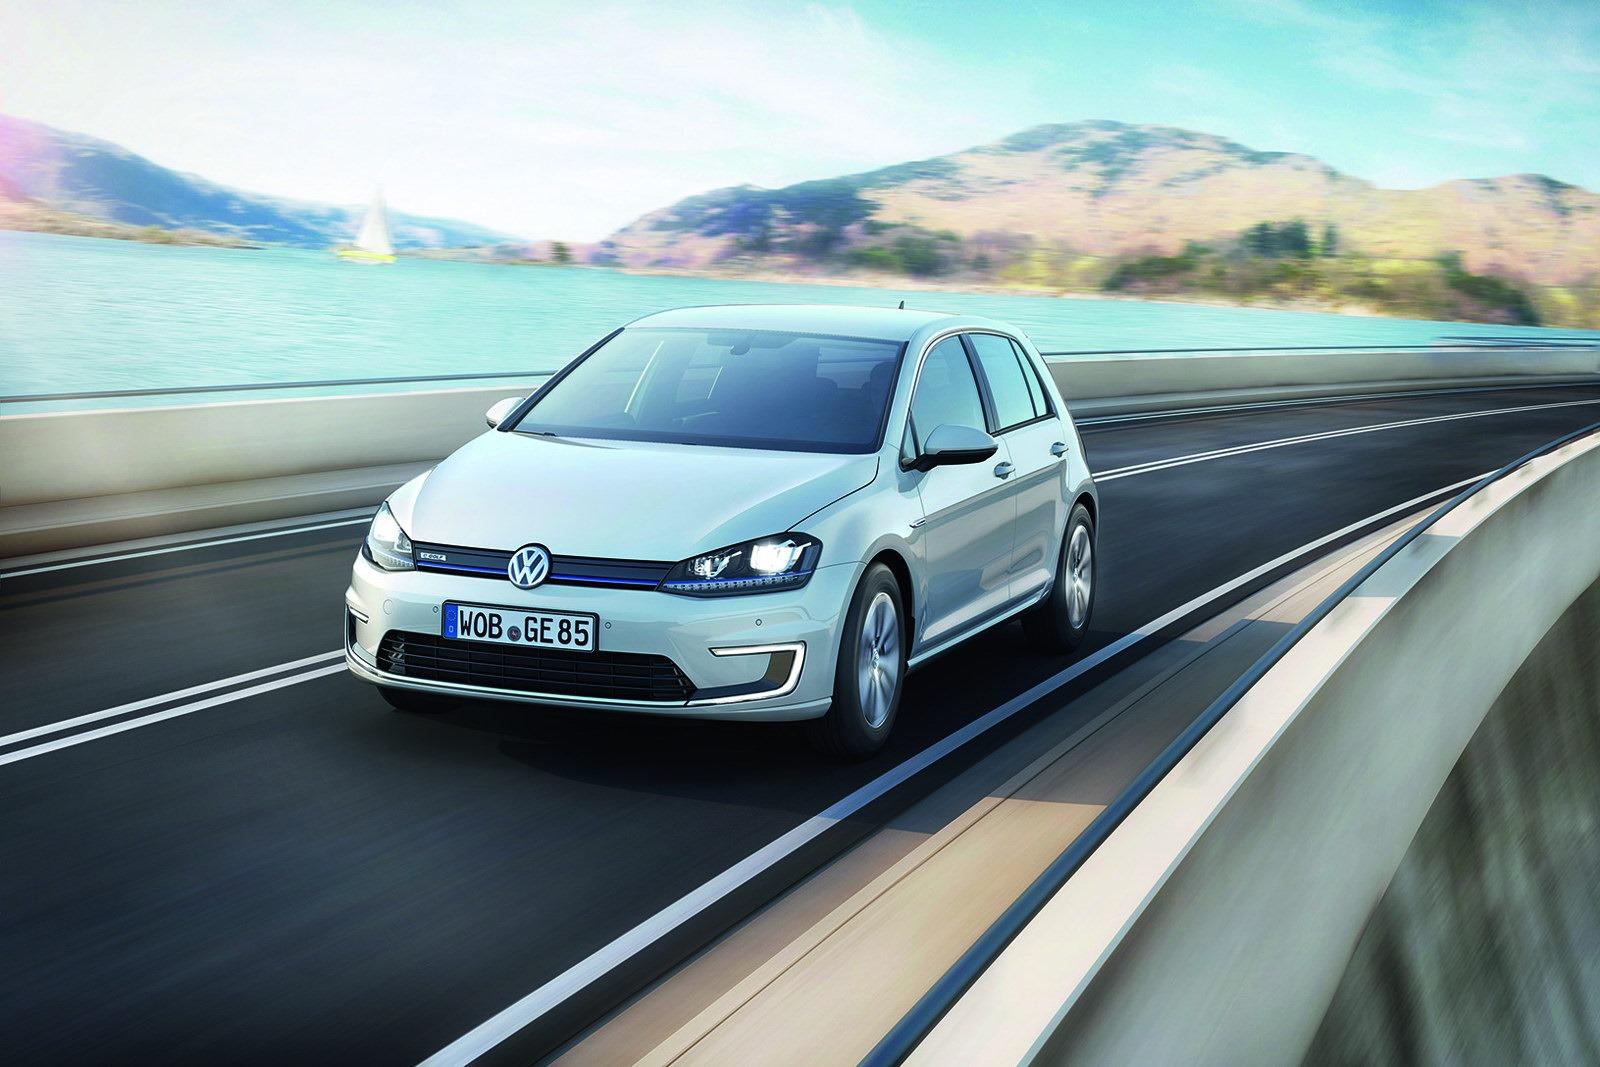 VW-e-Golf-11%25255B2%25255D